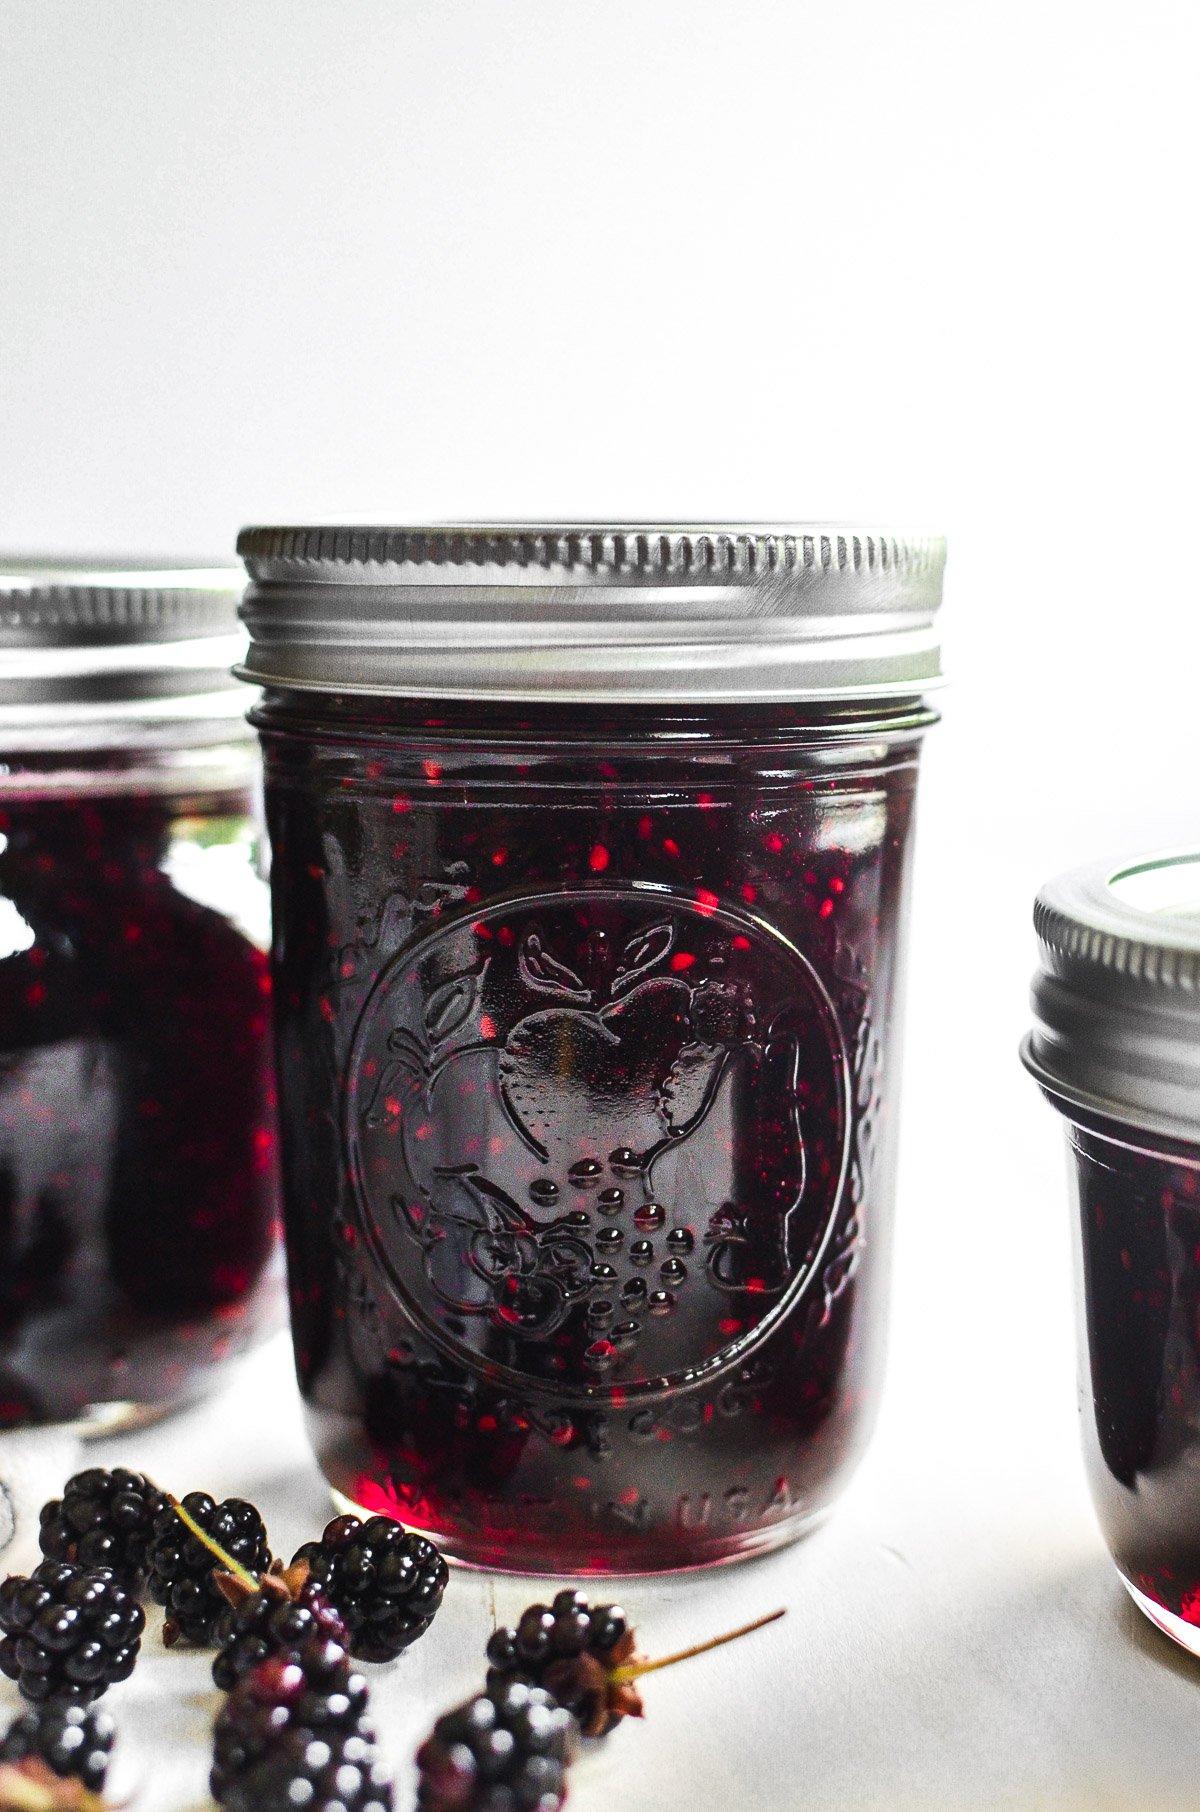 Three jars of blackberry jam.